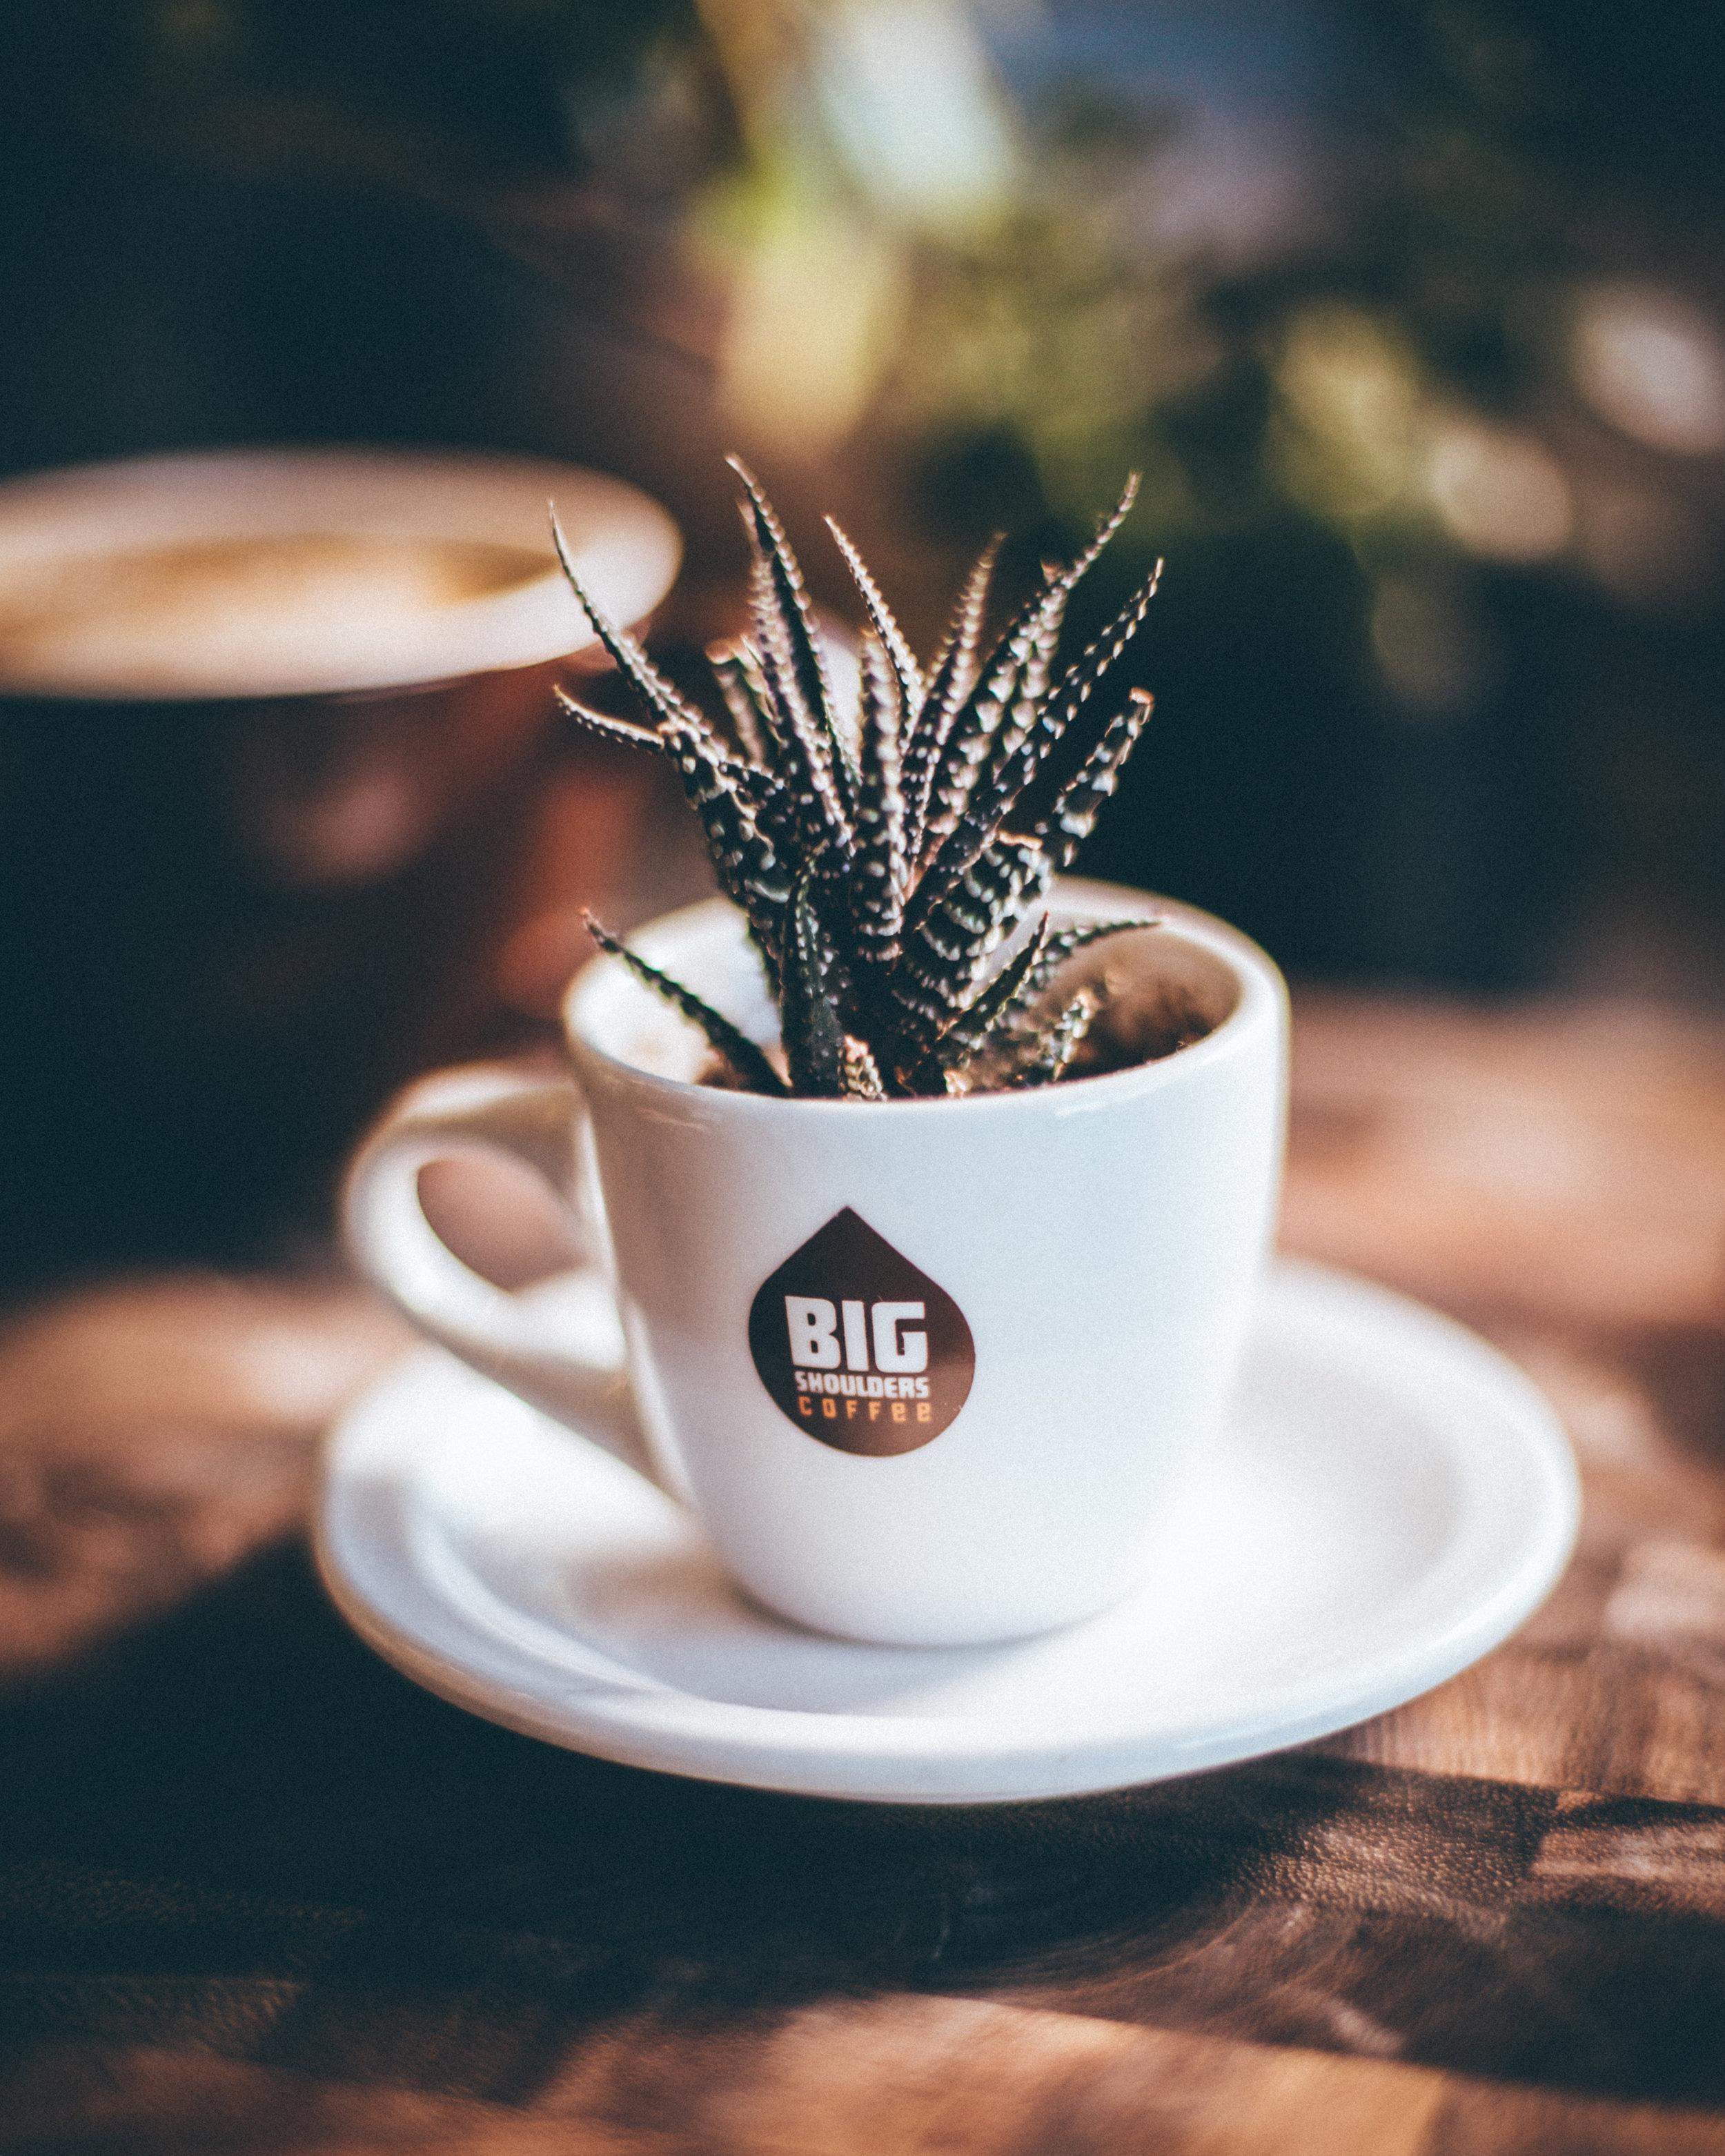 BIG SHOULDERS COFFEE-181 (1).jpg